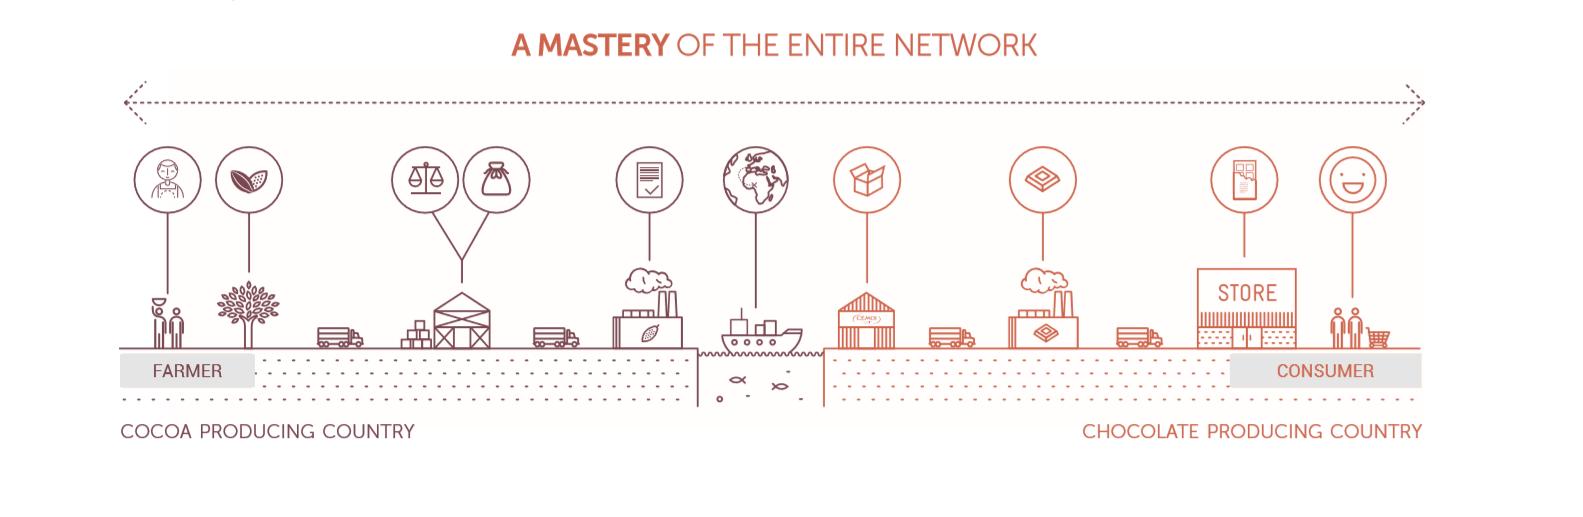 A mastery in the entire cococa network